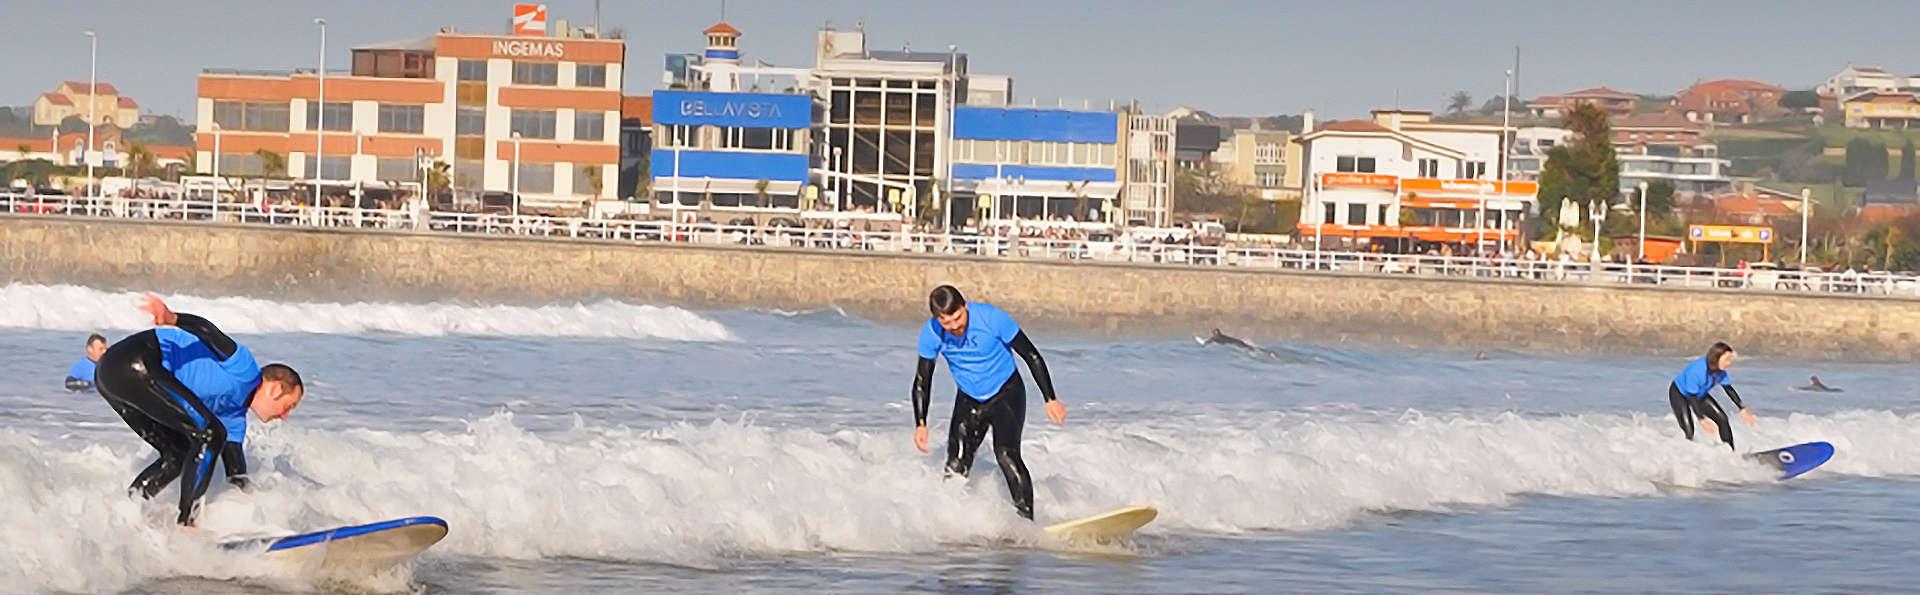 Asturias aventura: Escapada con Clase de Surf y visita a Sidrería en Villaviciosa